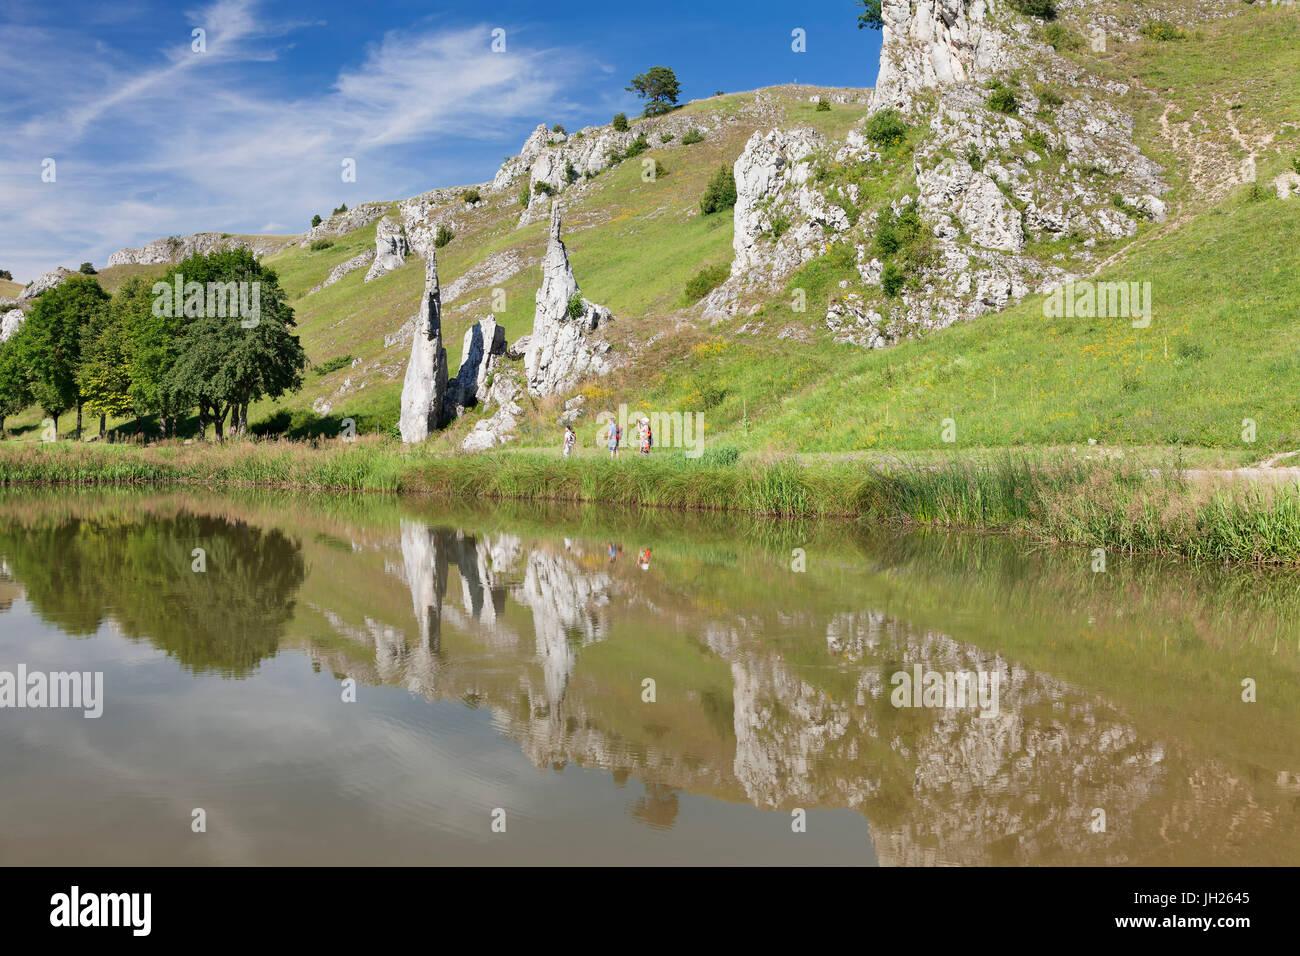 Steinerne Jungfrauen Felsformation, Eselsburger Tal Tal, Herbrechtingen, schwäbischen Alb, Baden-Württemberg, Stockbild